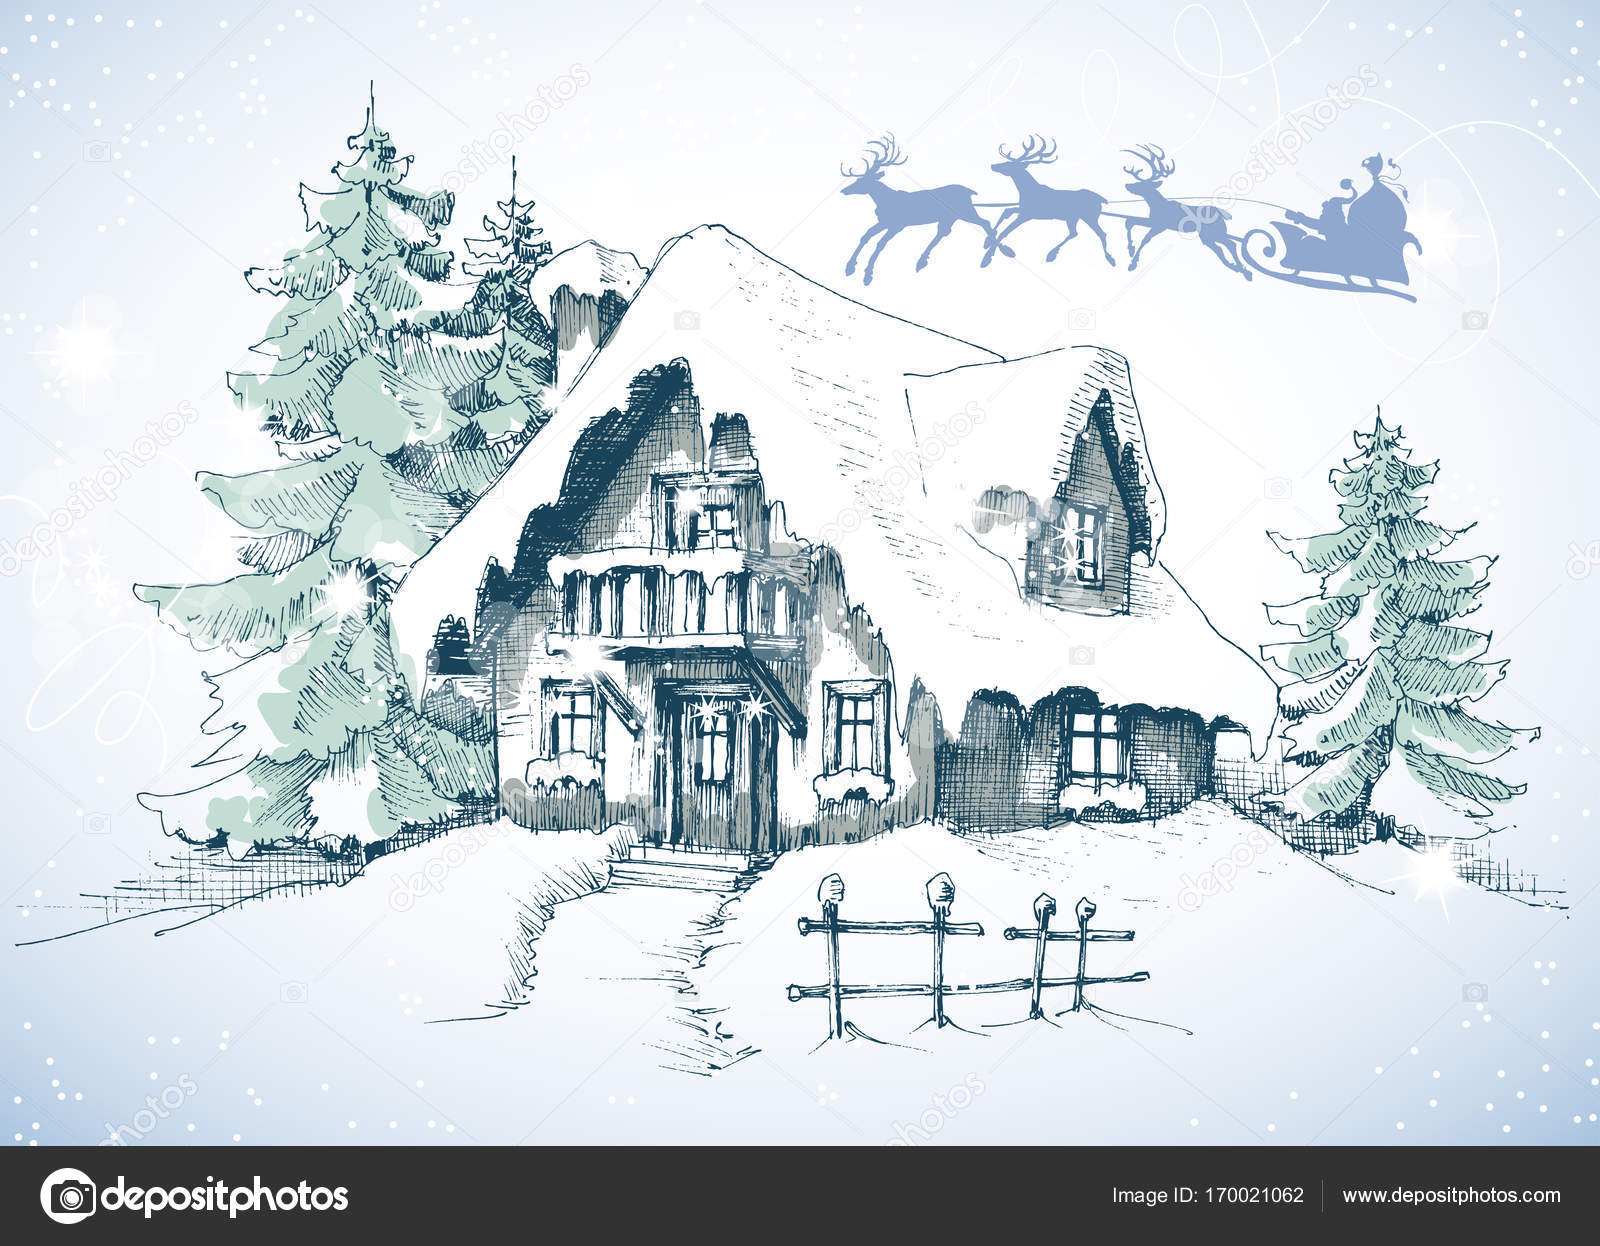 Weihnachtskarte zeichnen — Stockvektor © Danussa #170021062